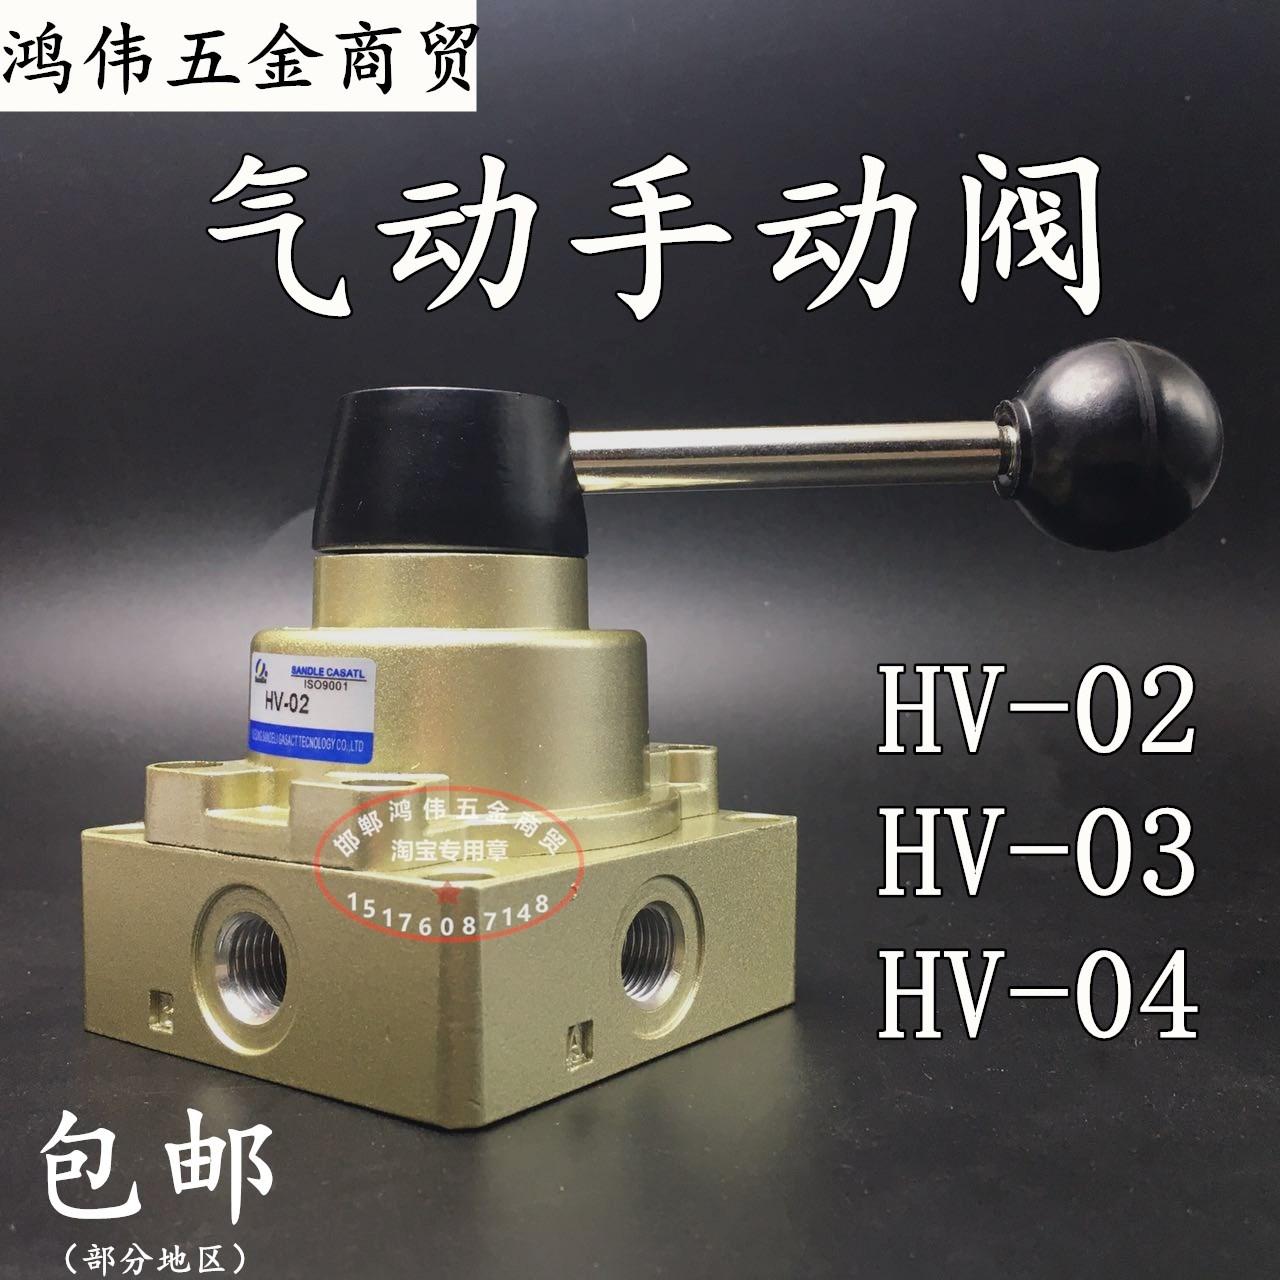 ヒット3位四通手回転弁手動開閉バルブを手に対して整流空気圧弁hv-020304人控